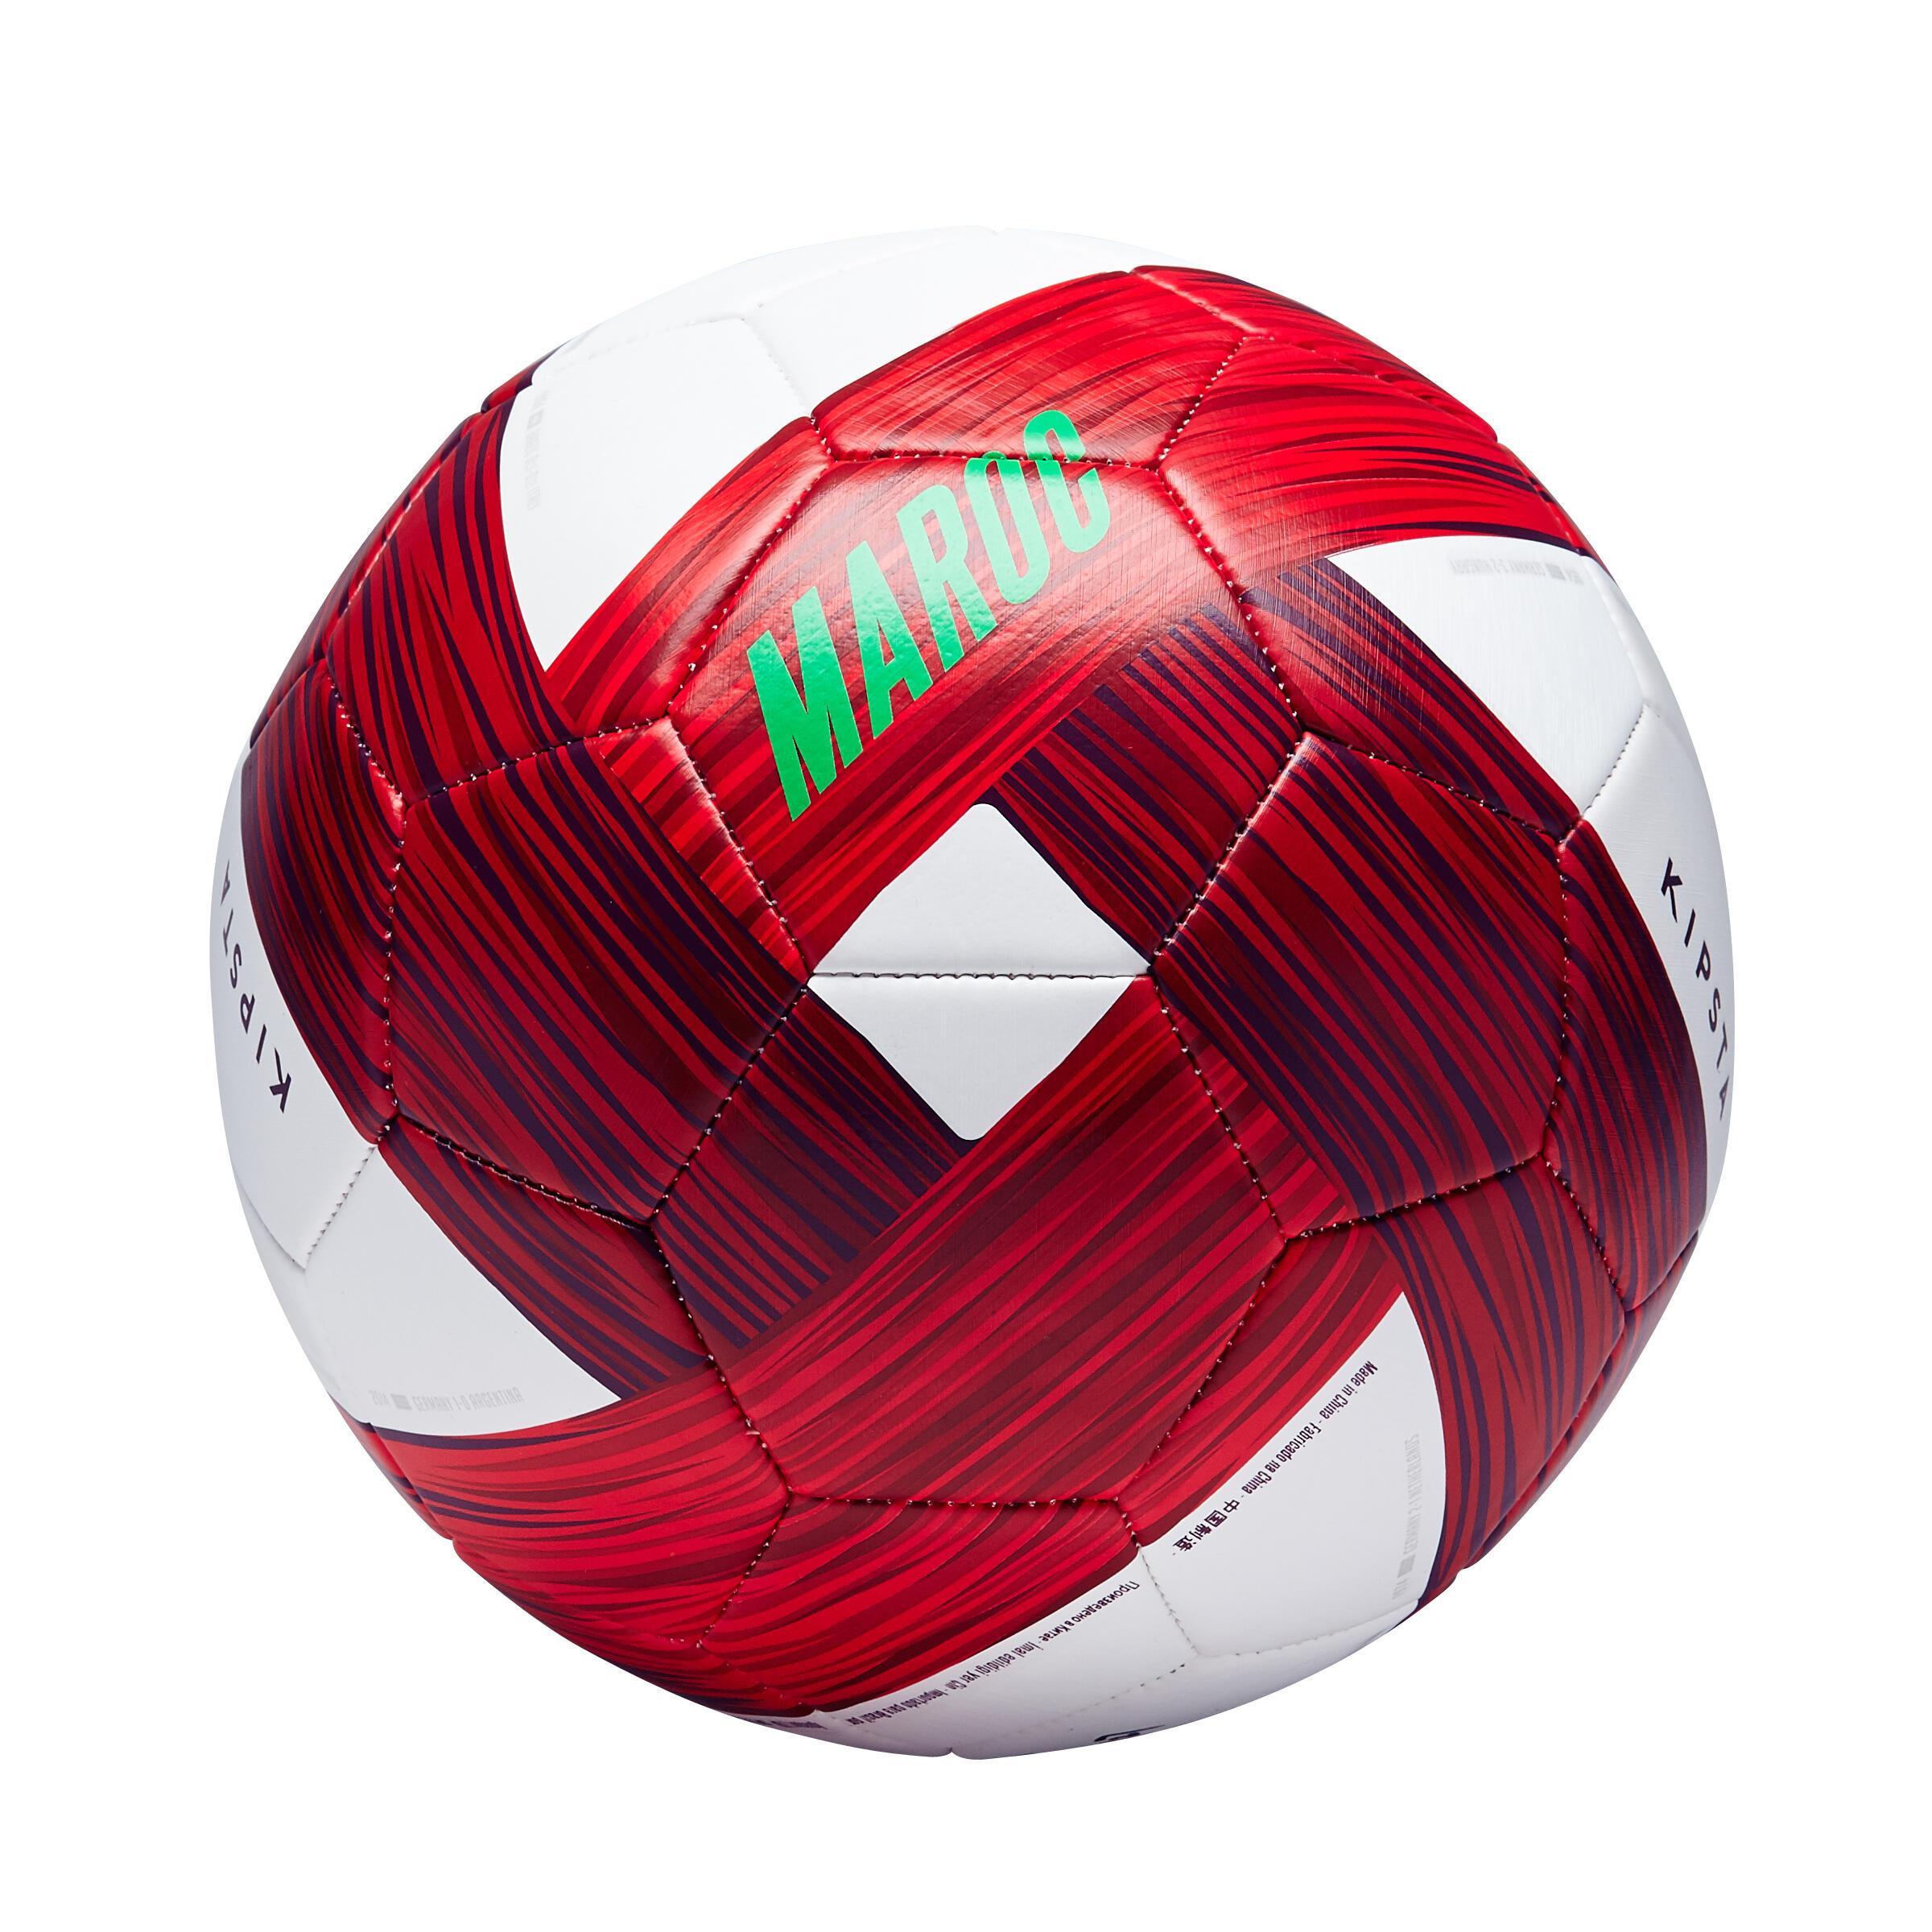 Ballon football maroc taille 5 vert blanc rouge kipsta